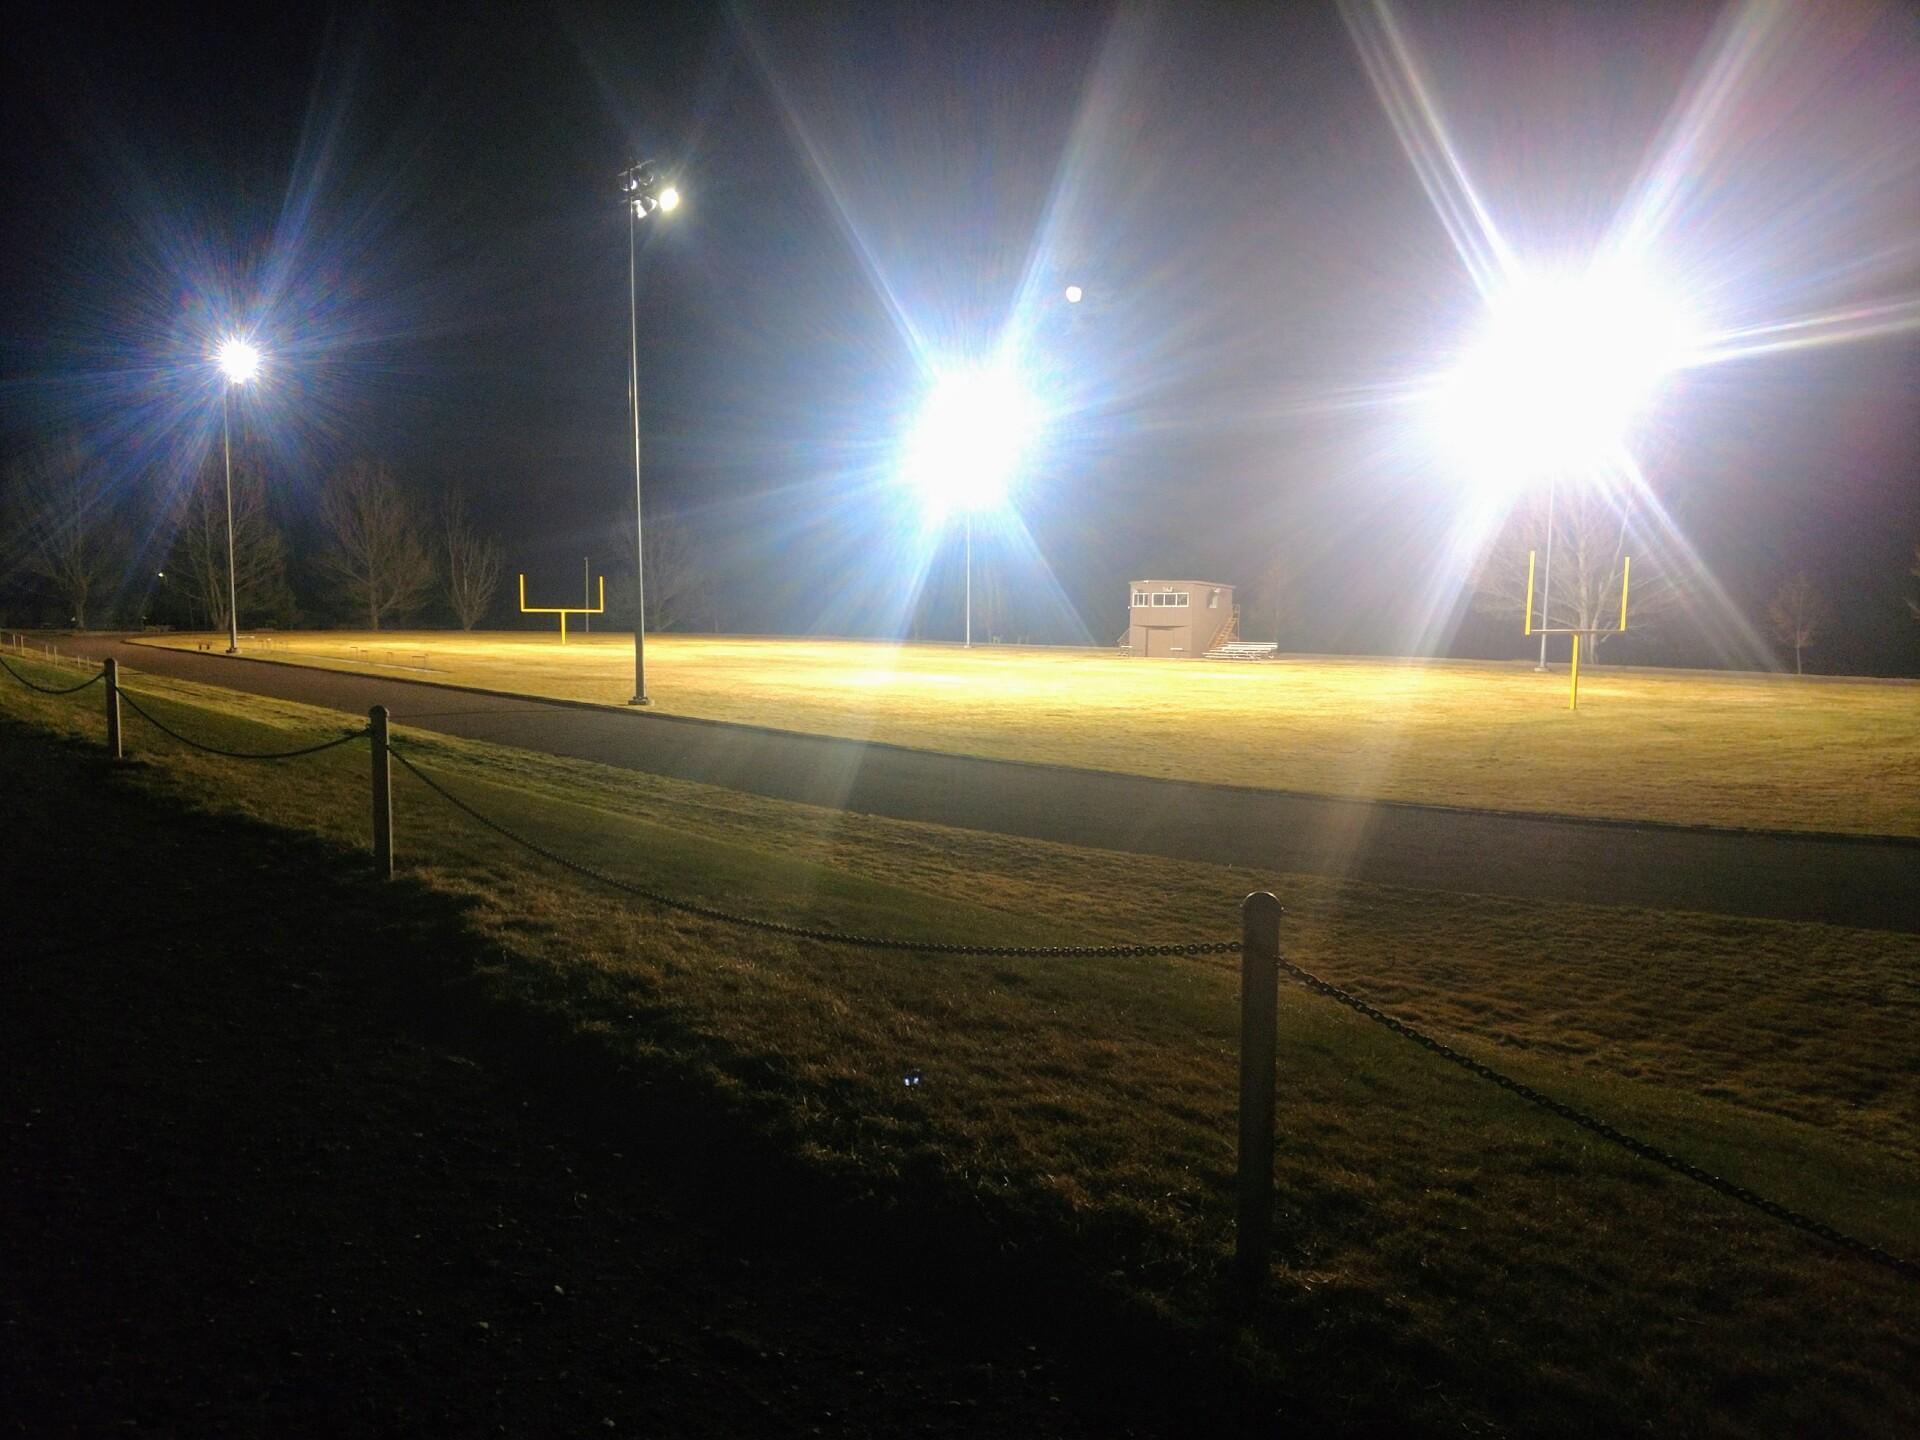 Highwood football stadium lights